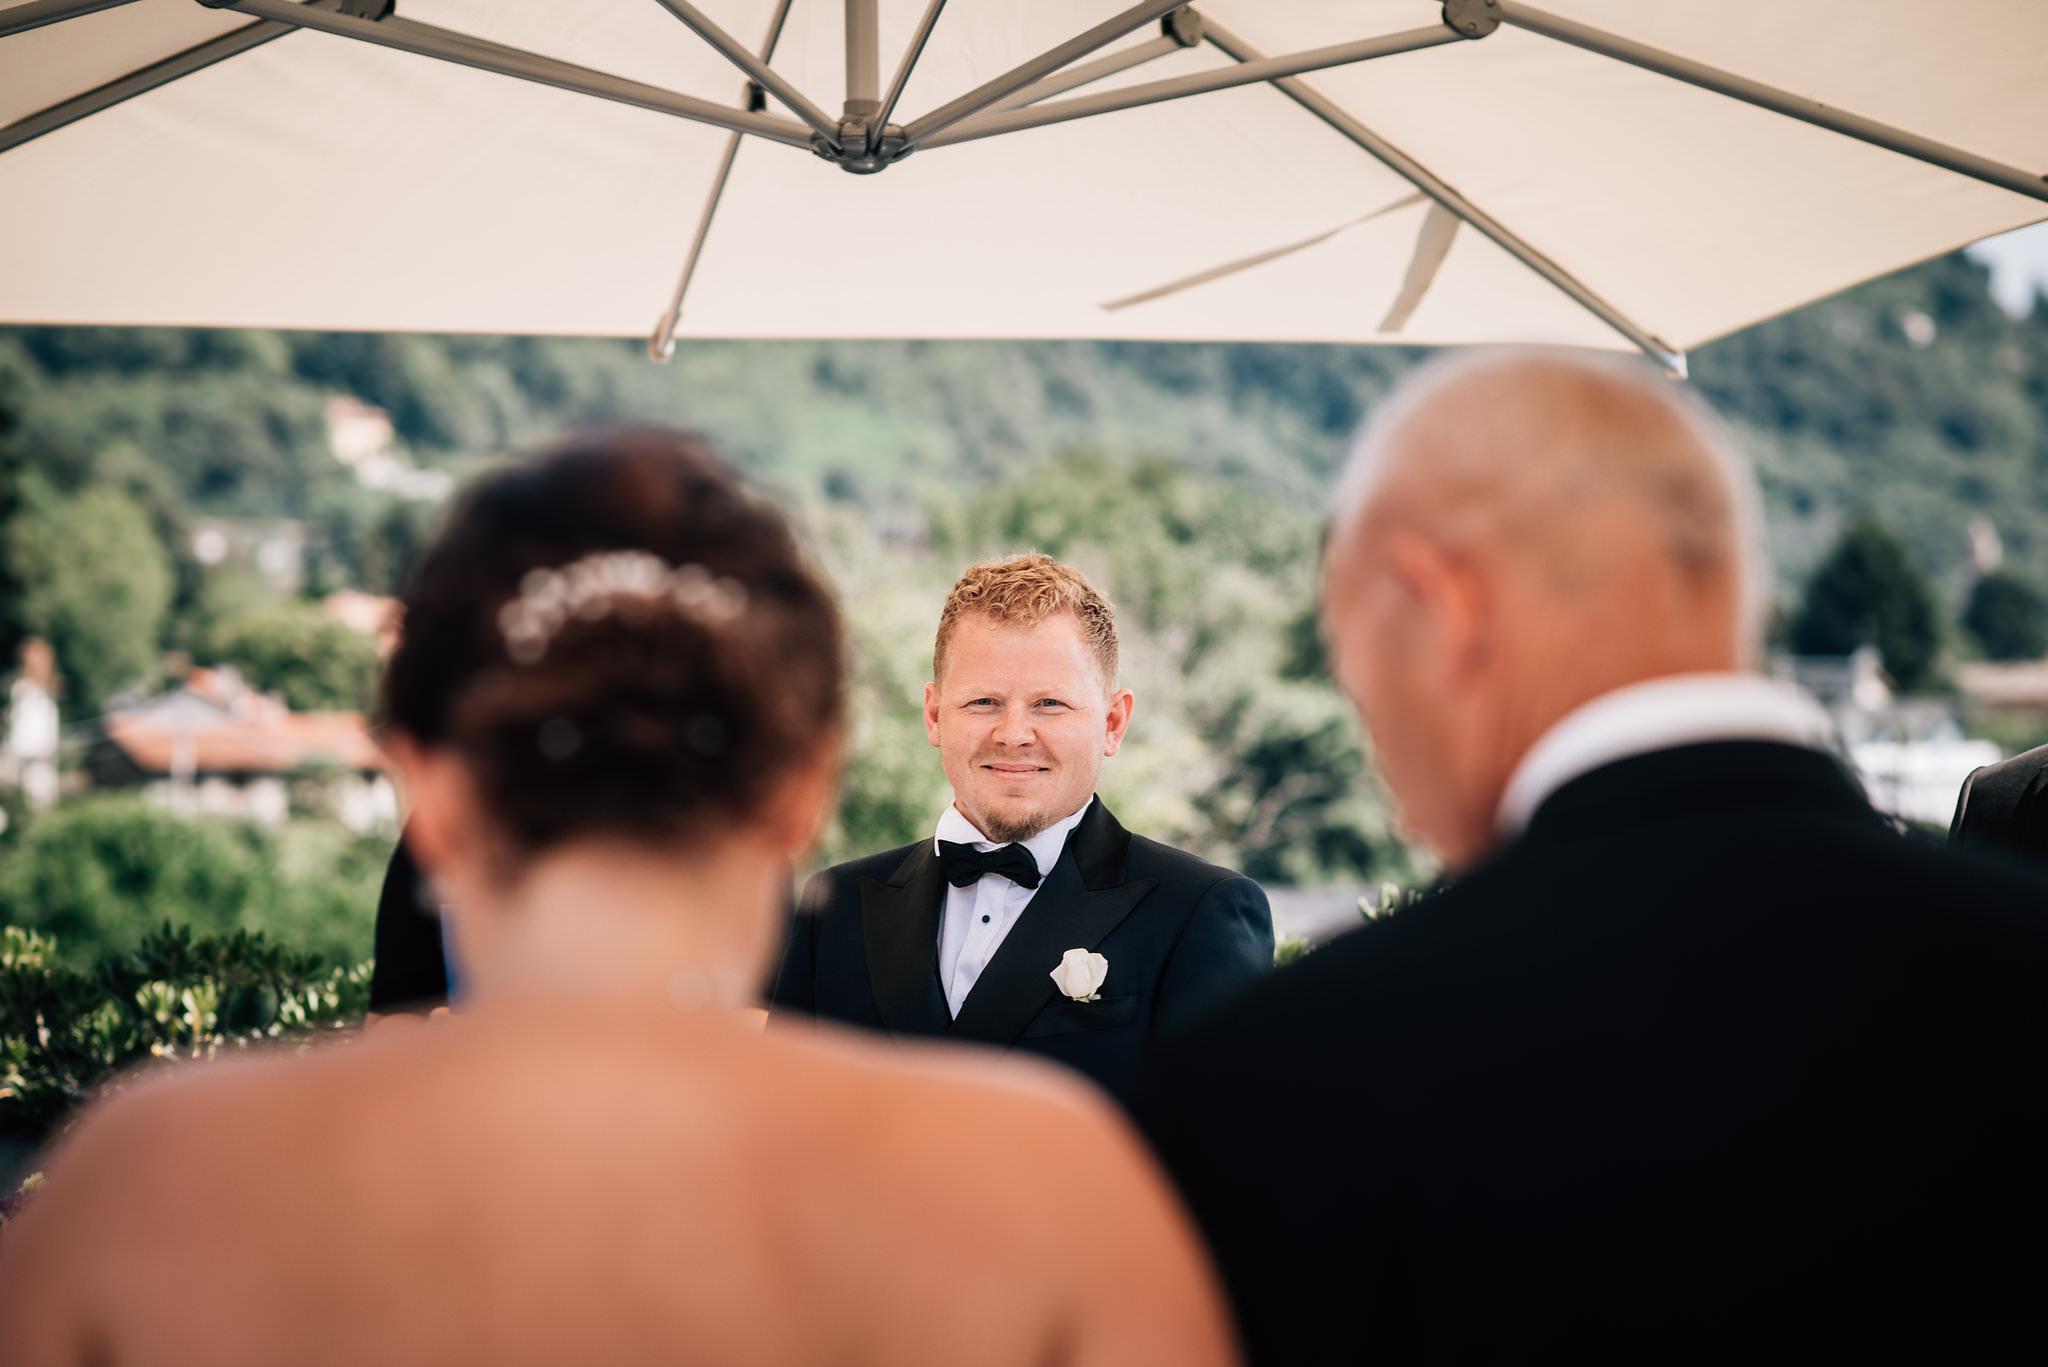 _N854849-fotograf-italia-bryllup.jpg